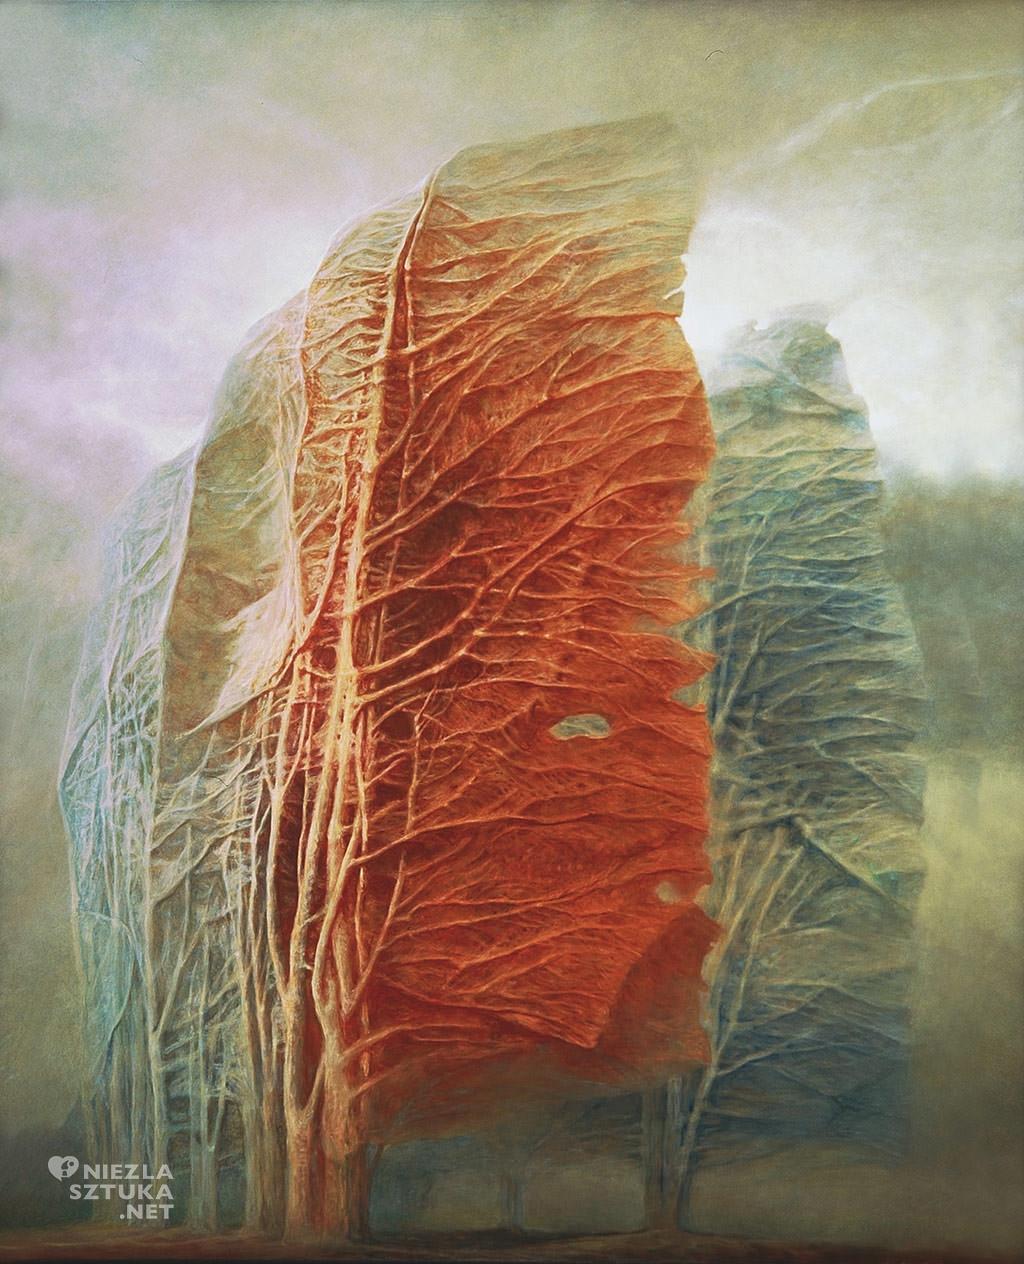 Zdzisław Beksiński, Bez tytułu, 1988